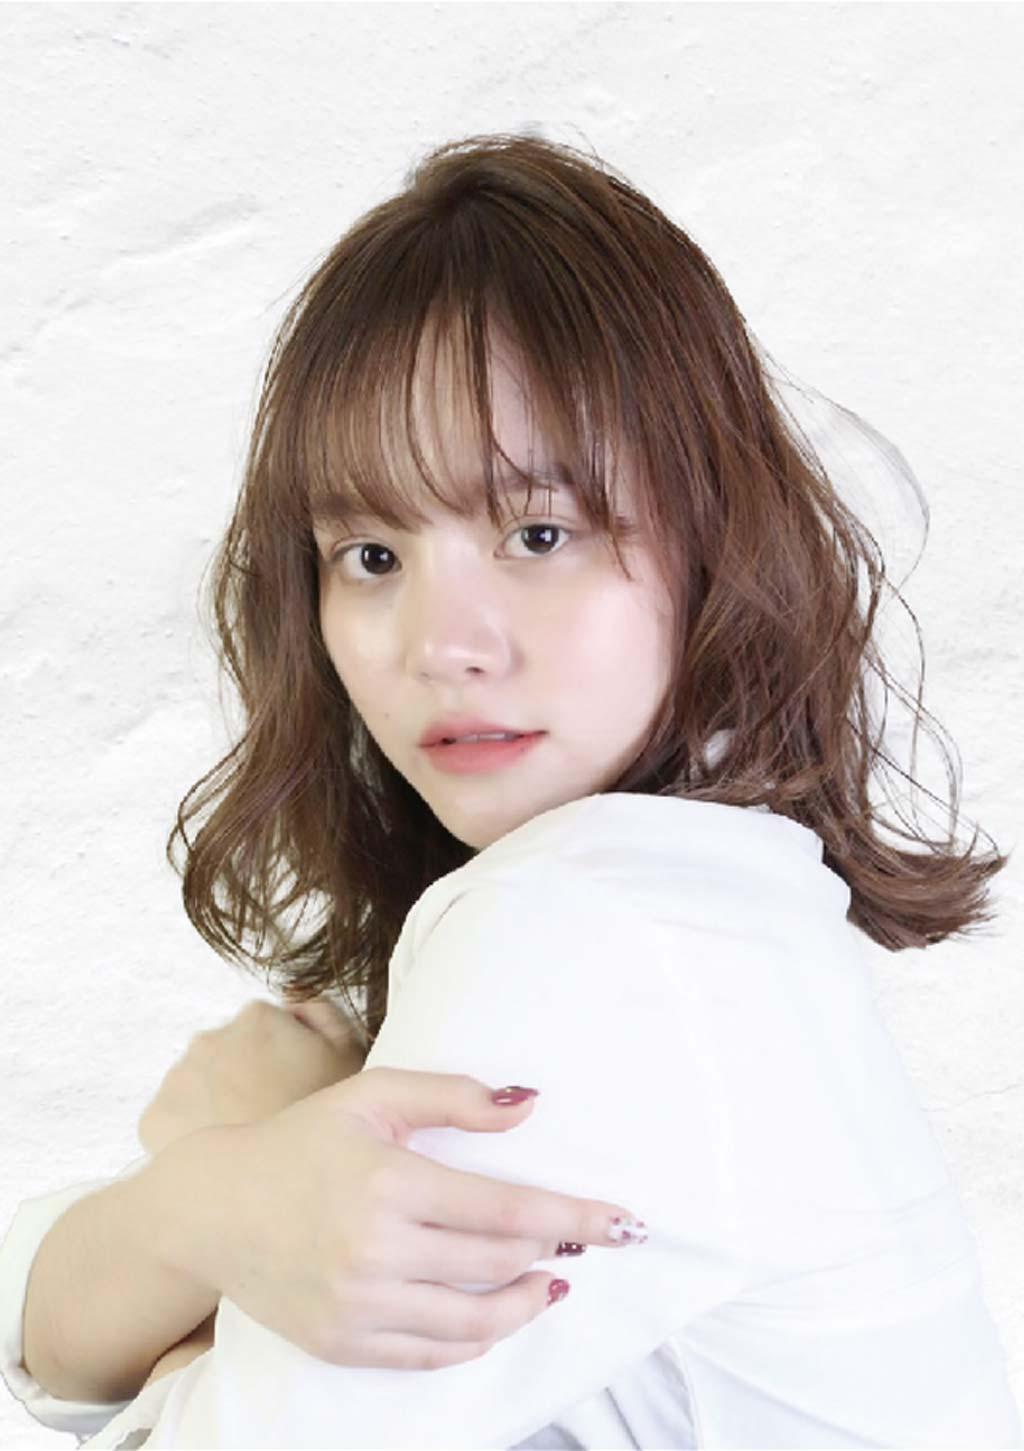 ヘアスタイル シークレットハイライト・カラー - Hair Style Secret Highlight - 2,000B〜 ・2,200B〜